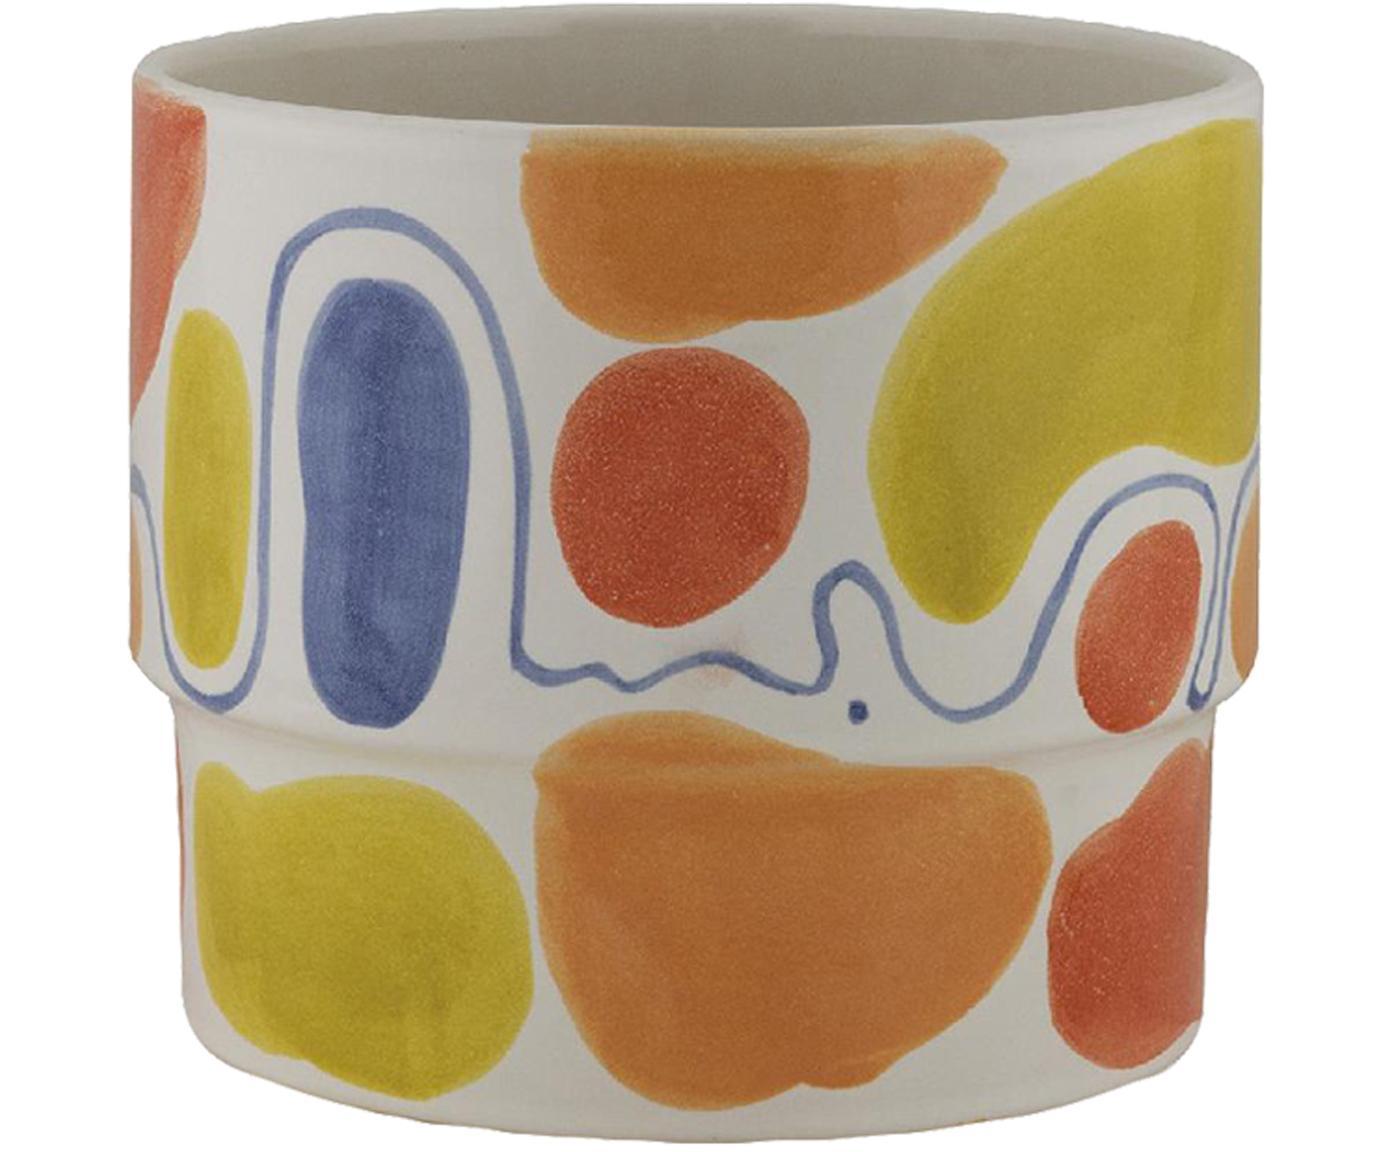 Übertopf Colors, Keramik, Mehrfarbig, Ø 18 x H 15 cm